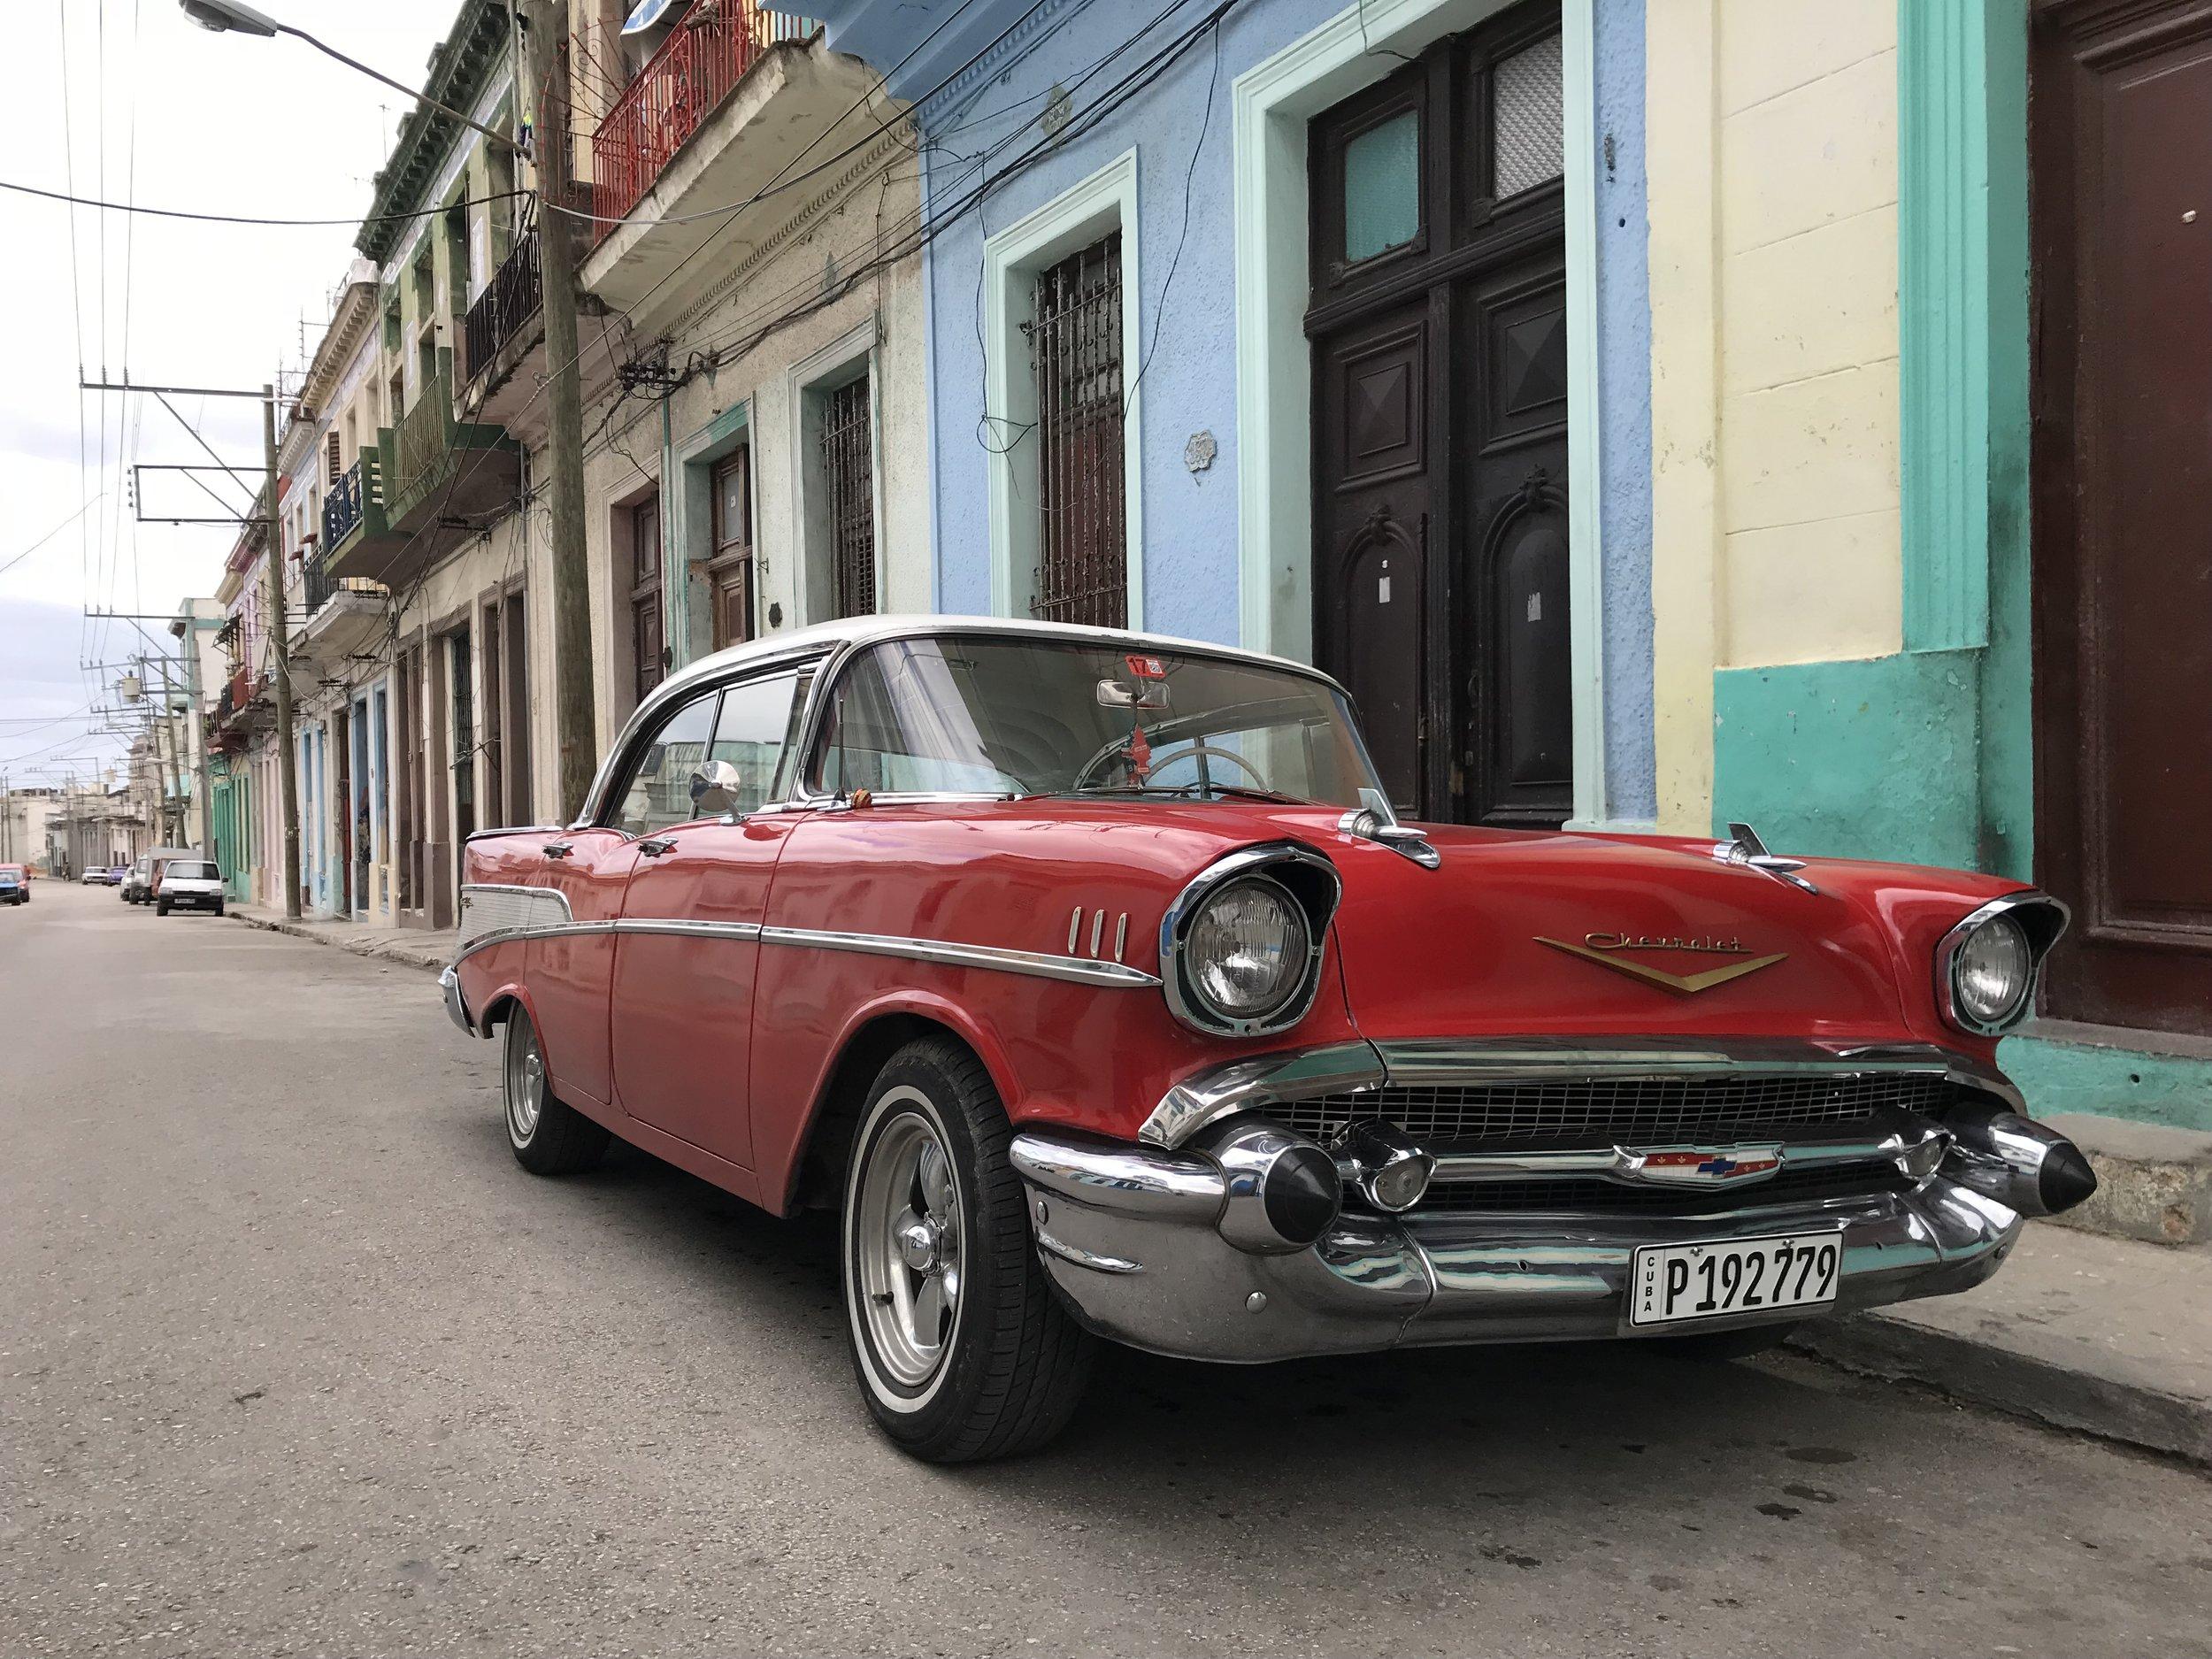 Havana, image by Nate Jones